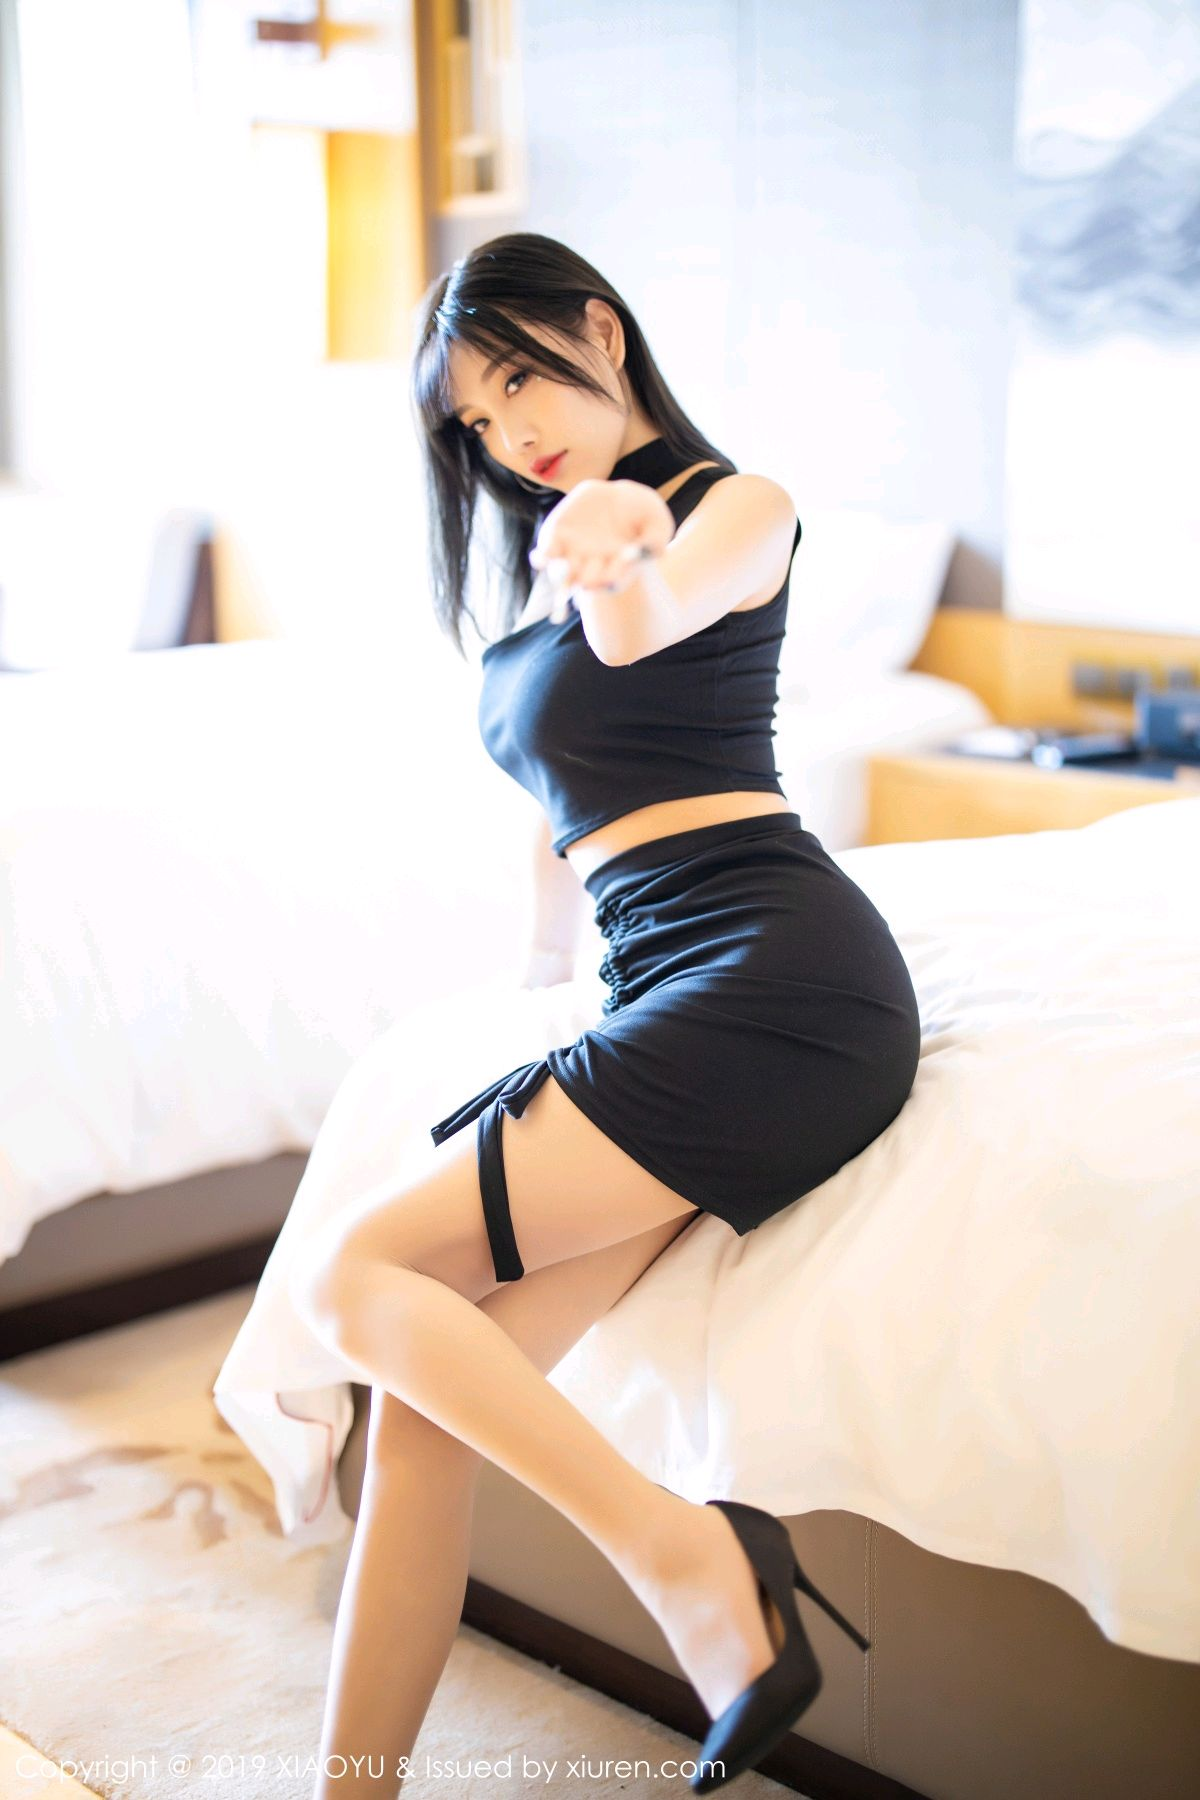 [XiaoYu] Vol.134 Yang Chen Chen 10P, Tall, Underwear, XiaoYu, Yang Chen Chen